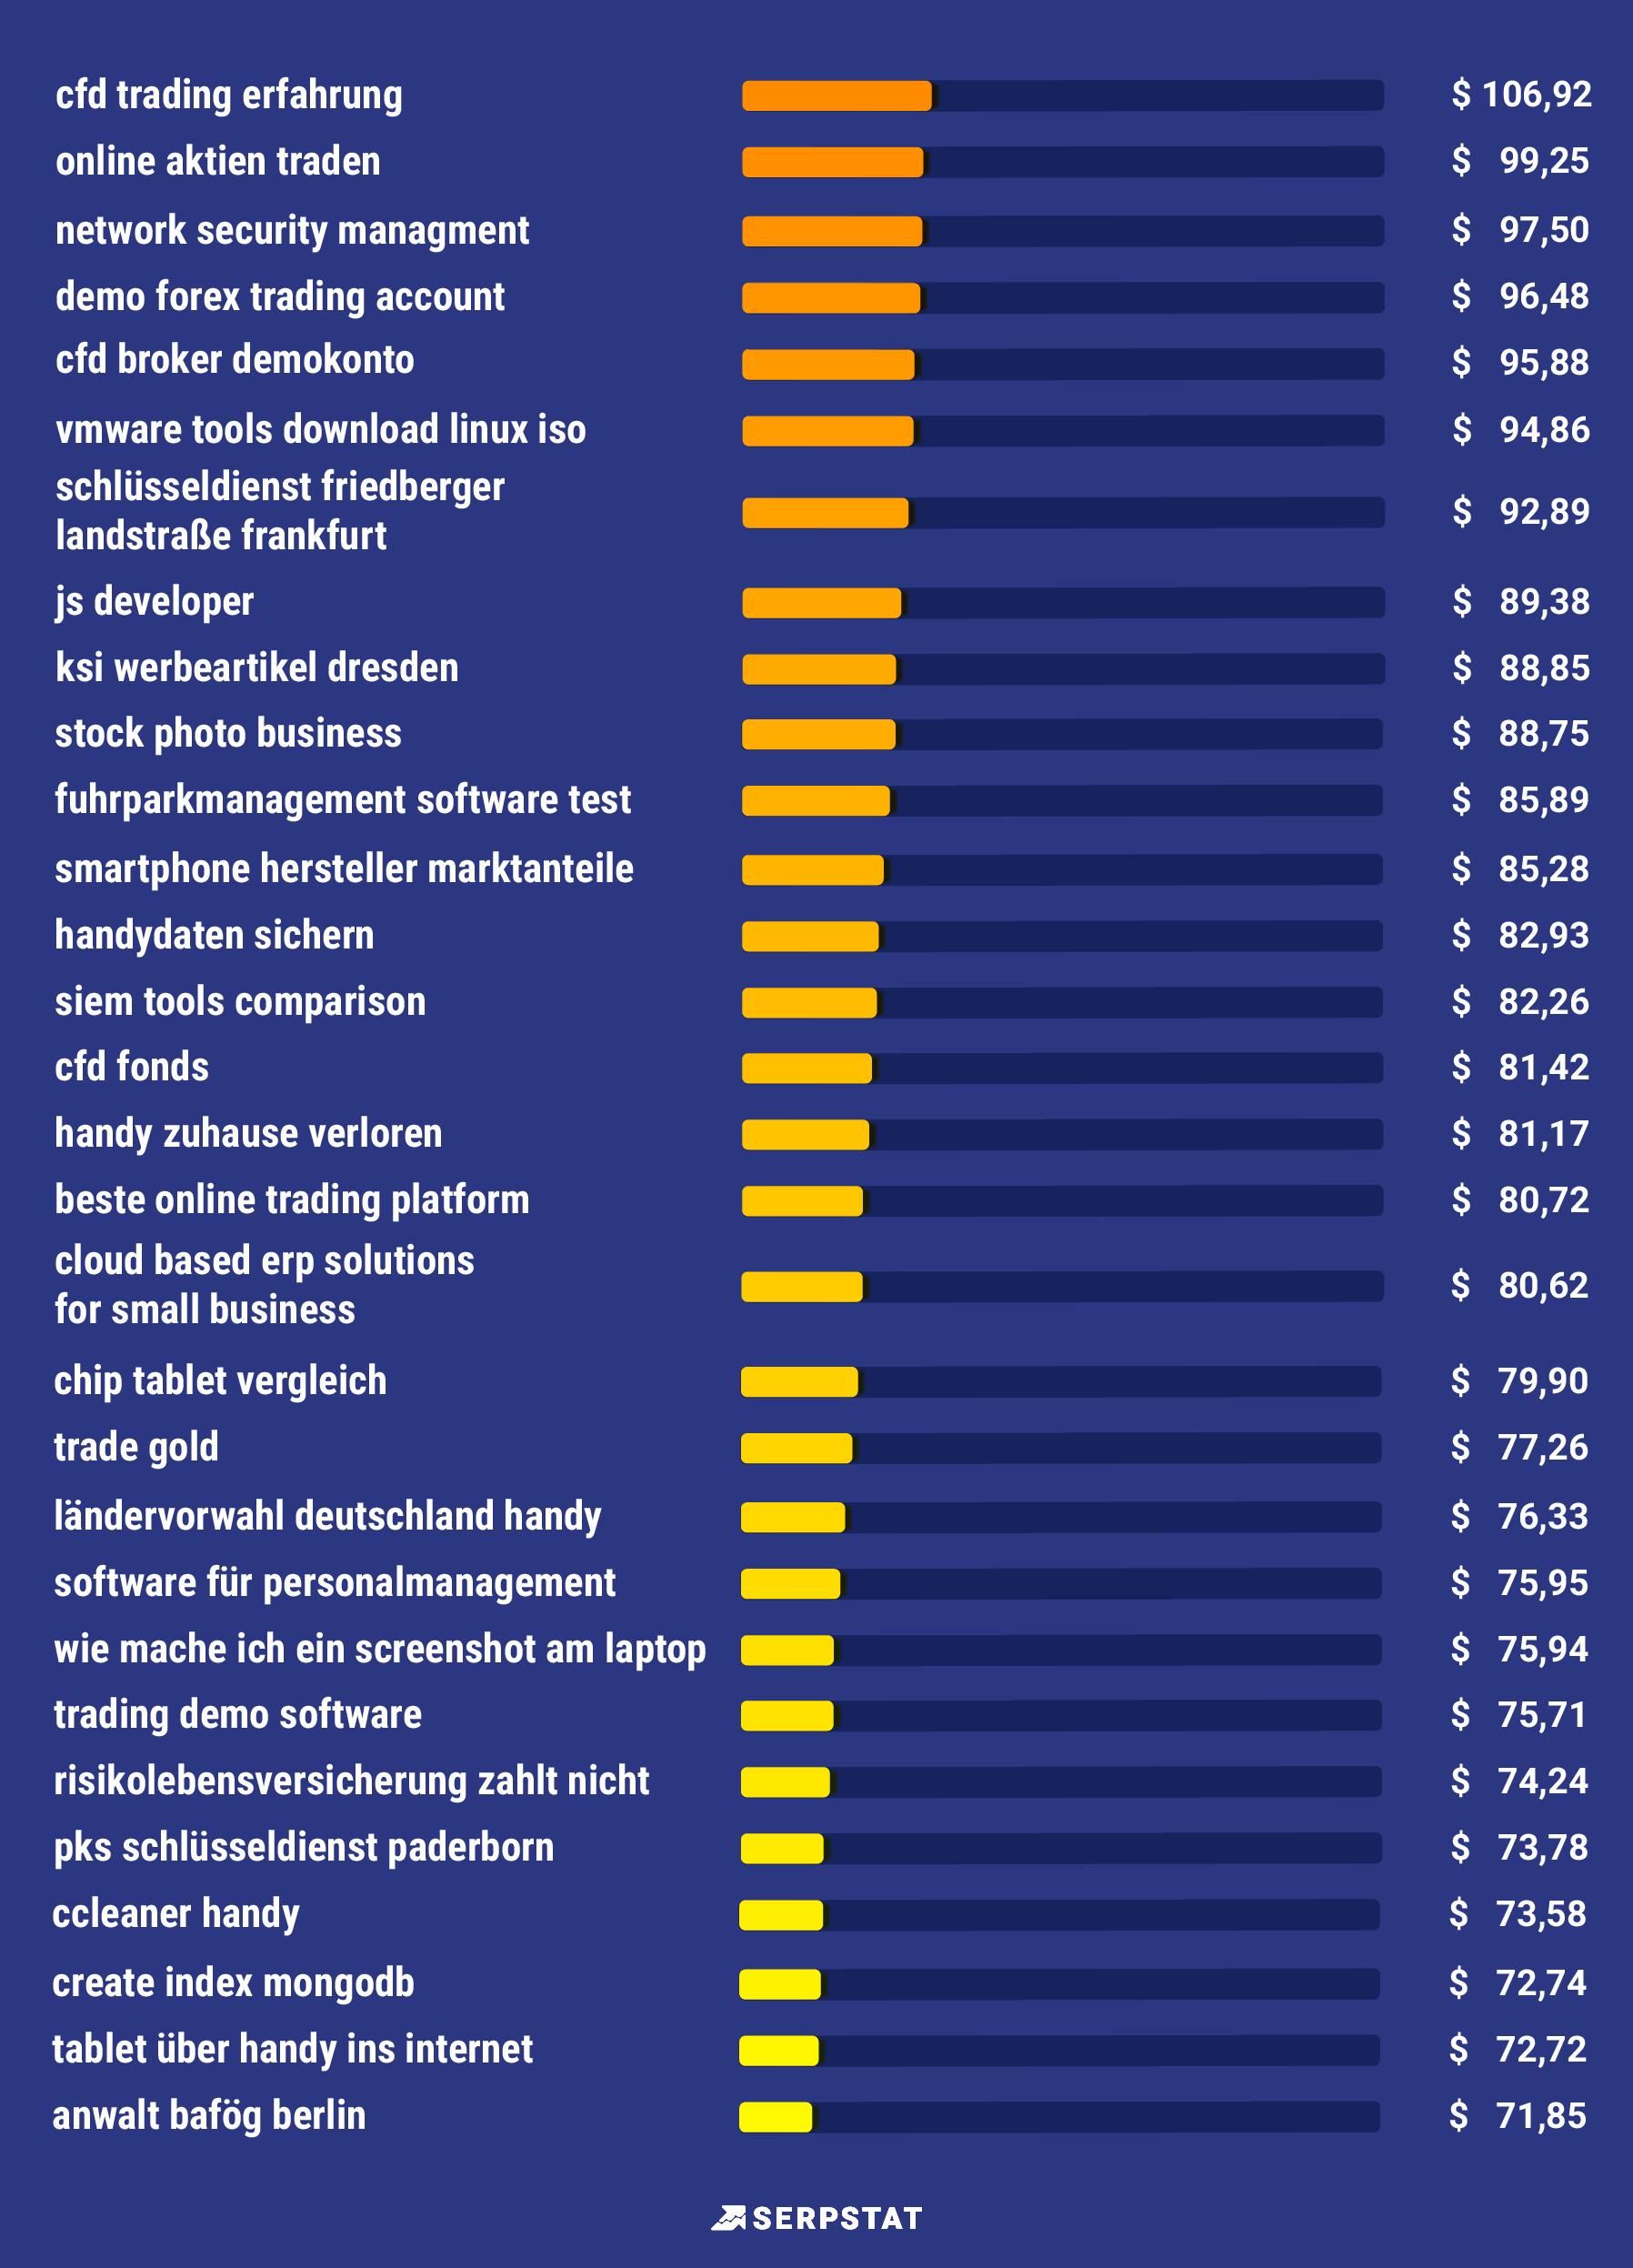 Serpstat-Studie: Die teuersten Keywords in Deutschland und Österreich bei Google 16261788292893